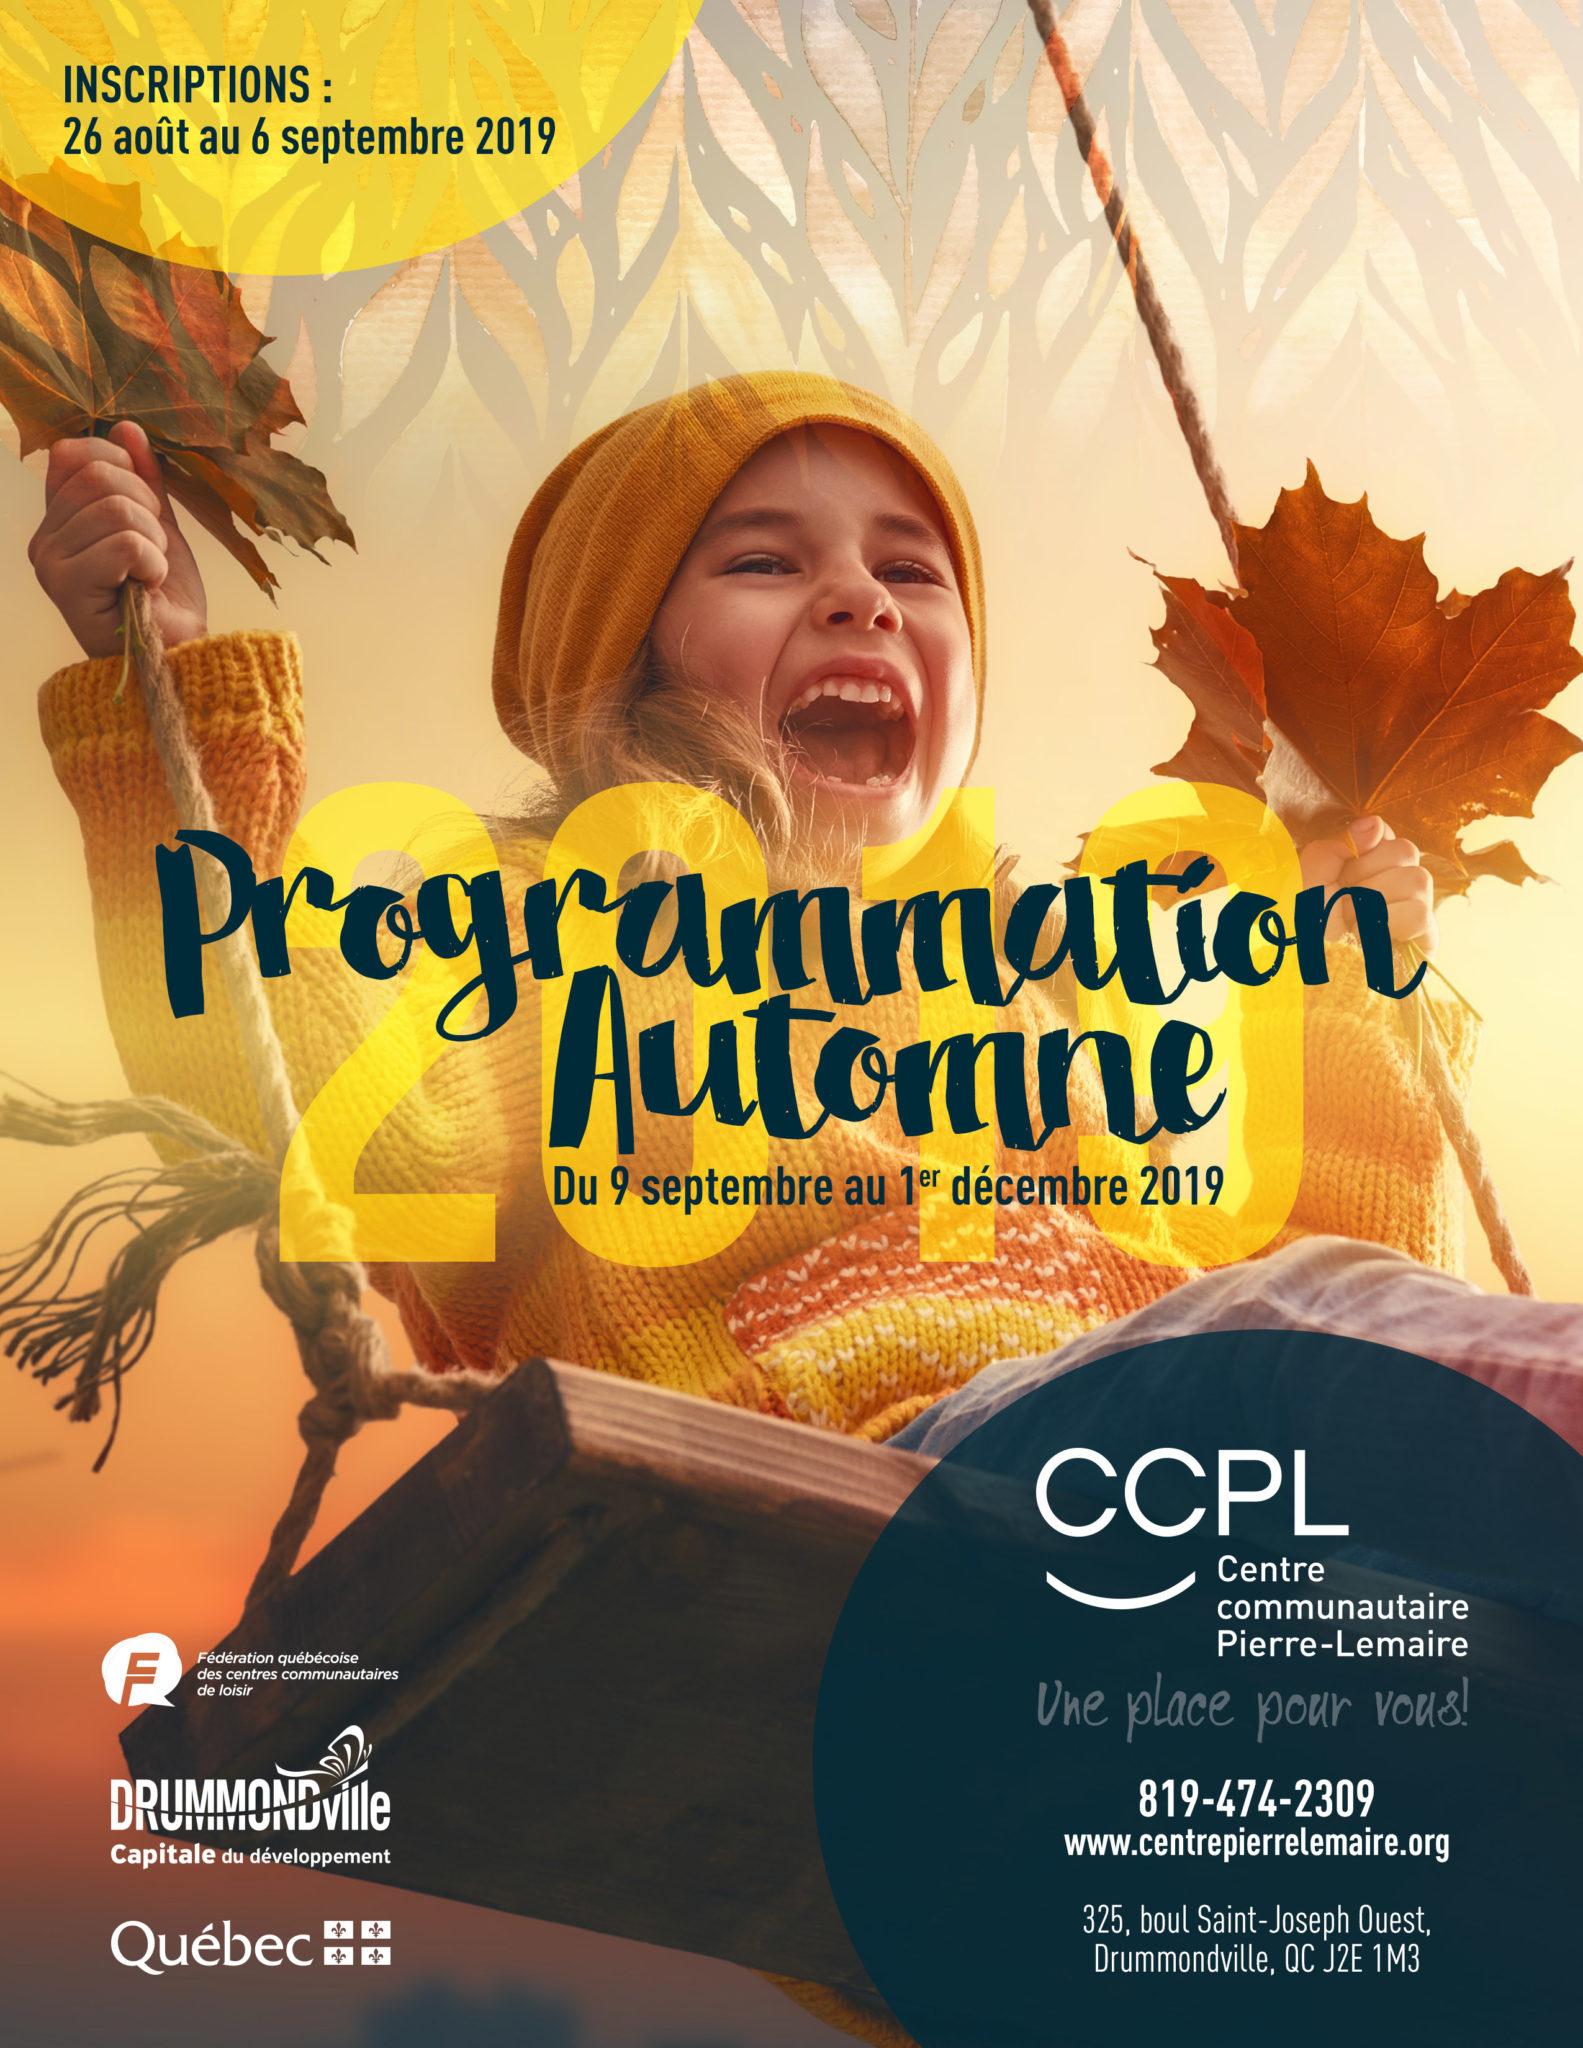 Programmation Automne 2019